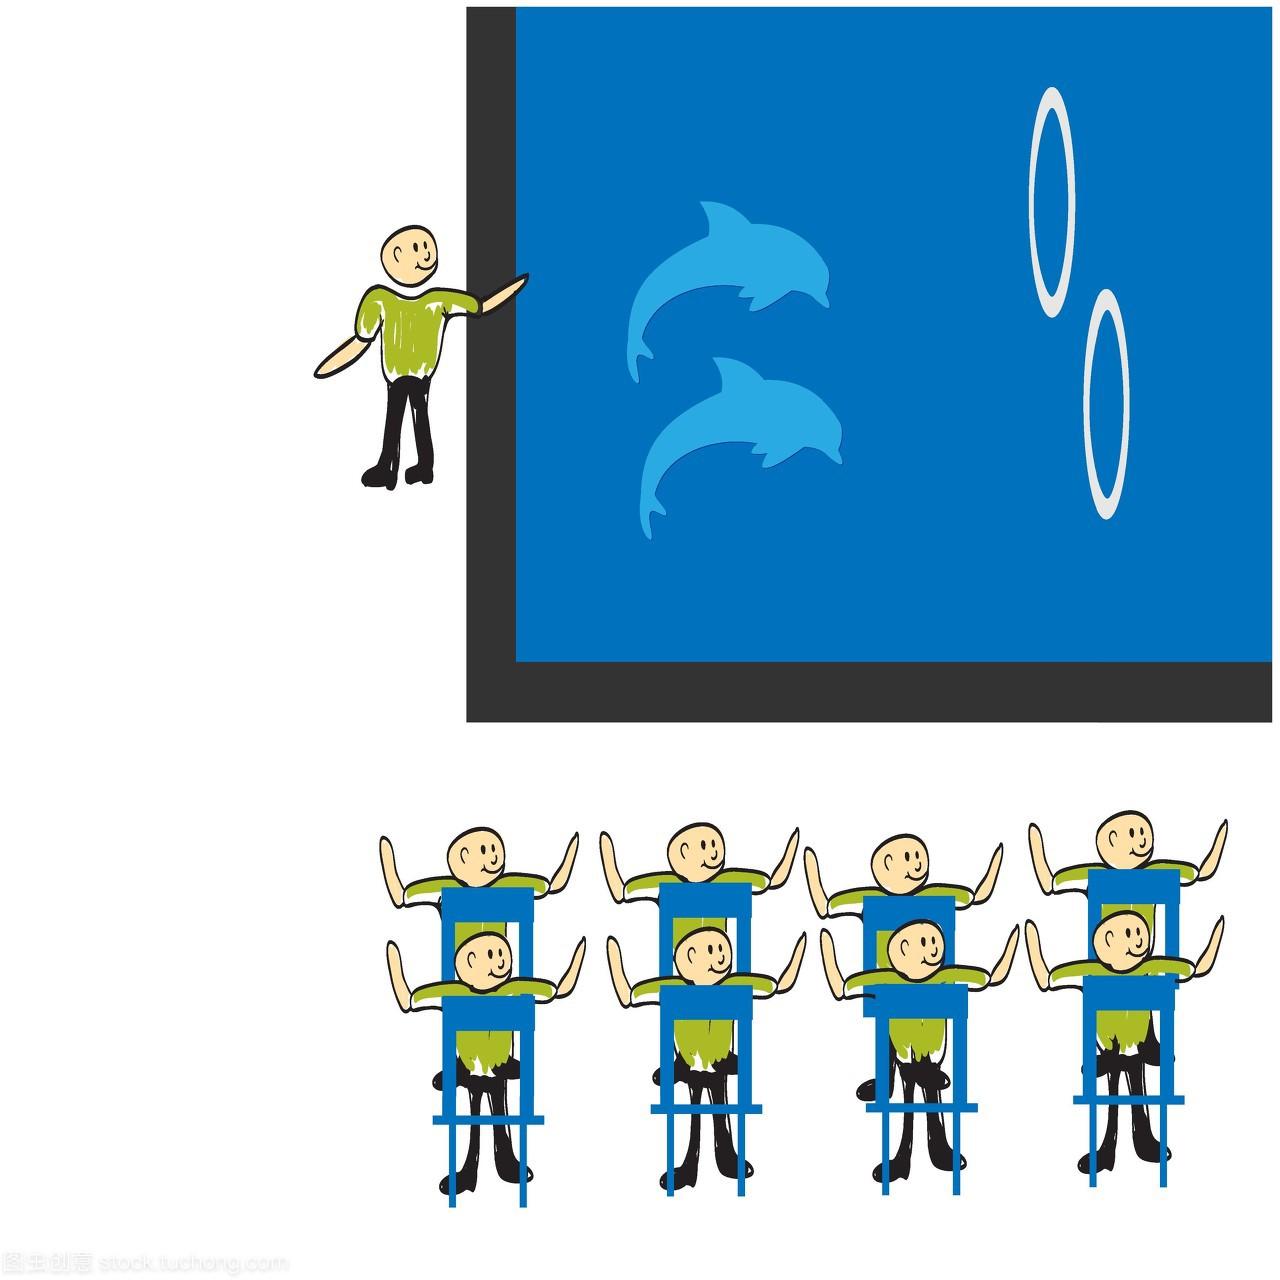 漫画,矢量图,表面,卡通,水产,水,海豚,孤立,鱼类,搞笑漫画海洋图片